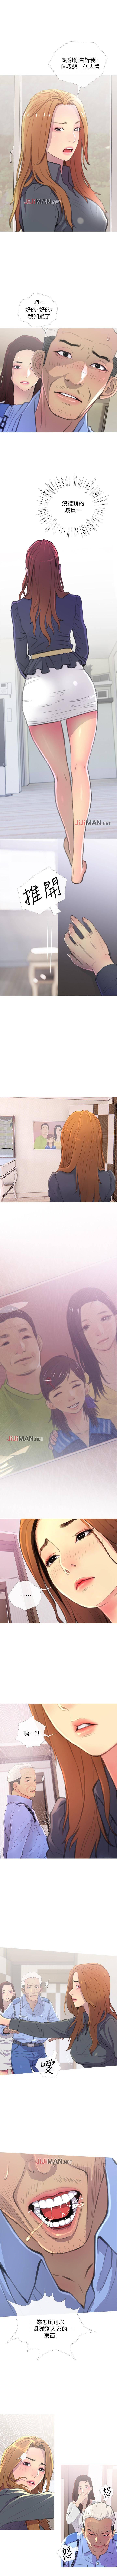 【周五连载】主妇危机(作者:查爾斯&漢水) 第1~26话 16